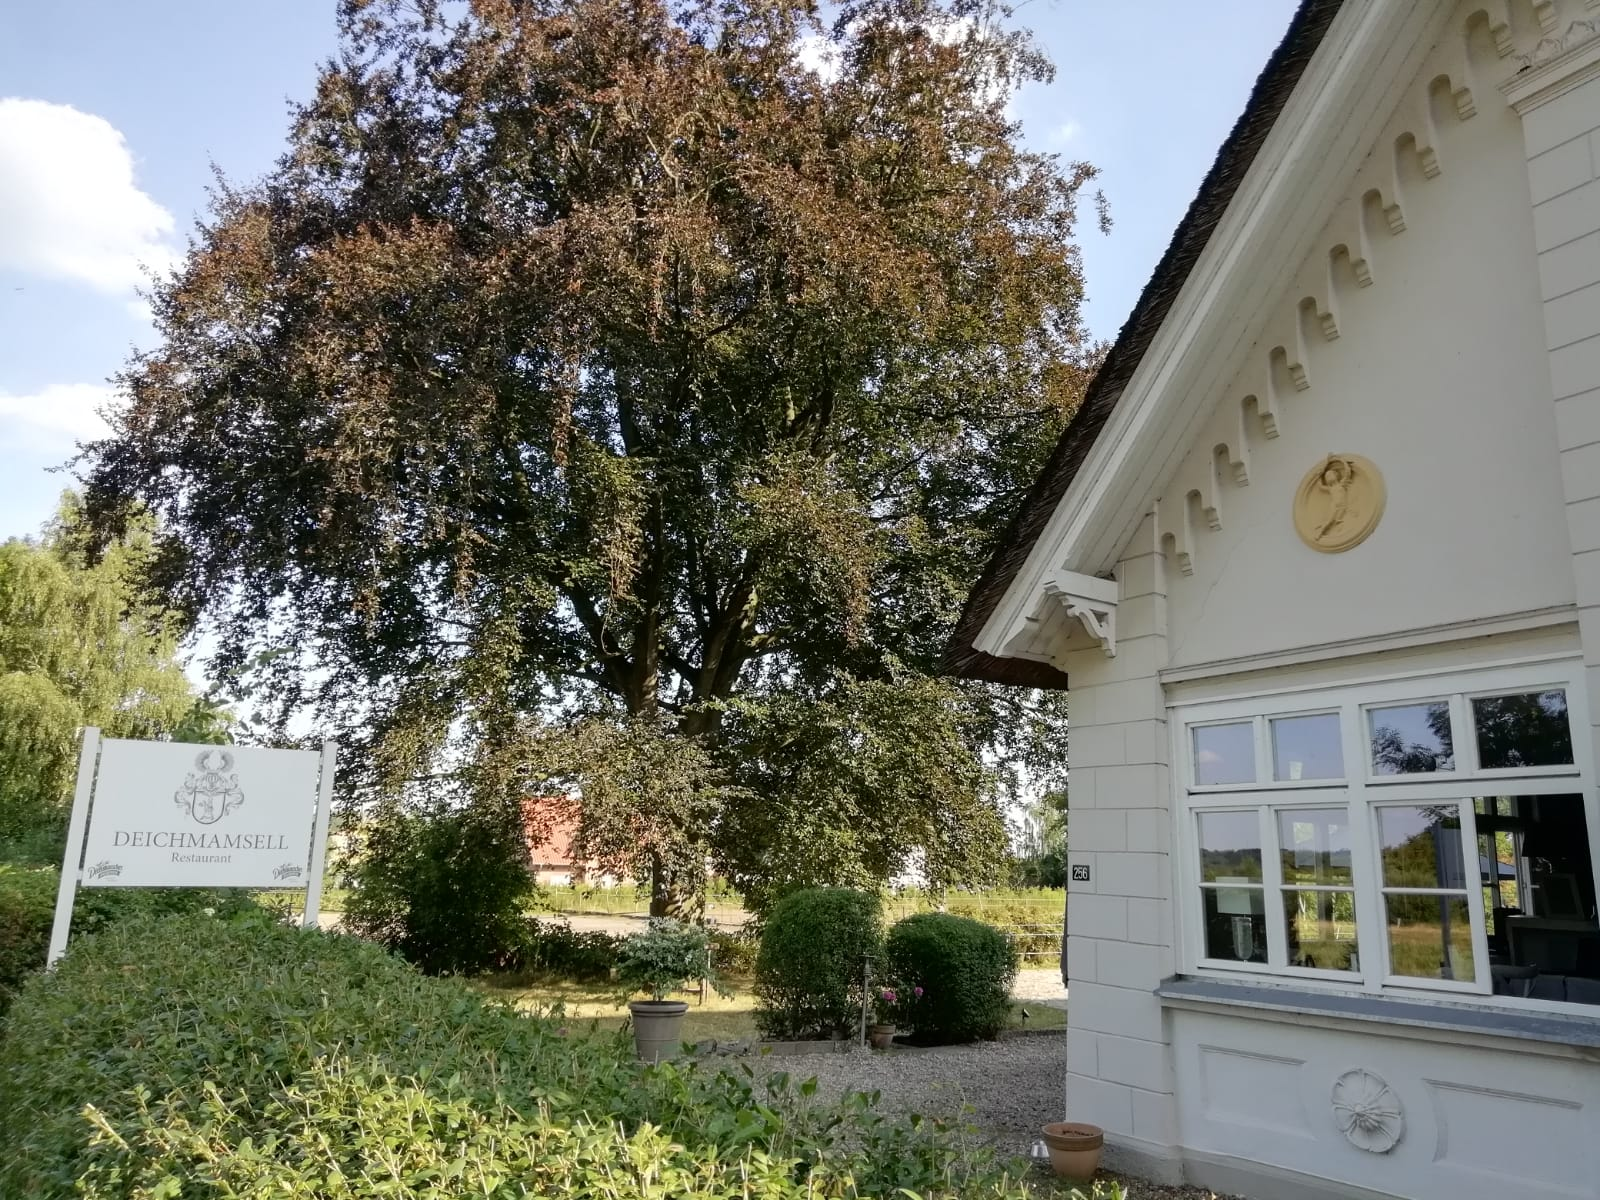 Deichmamsell_Haus_Ecke_mit_Schild_und_Baum.jpeg